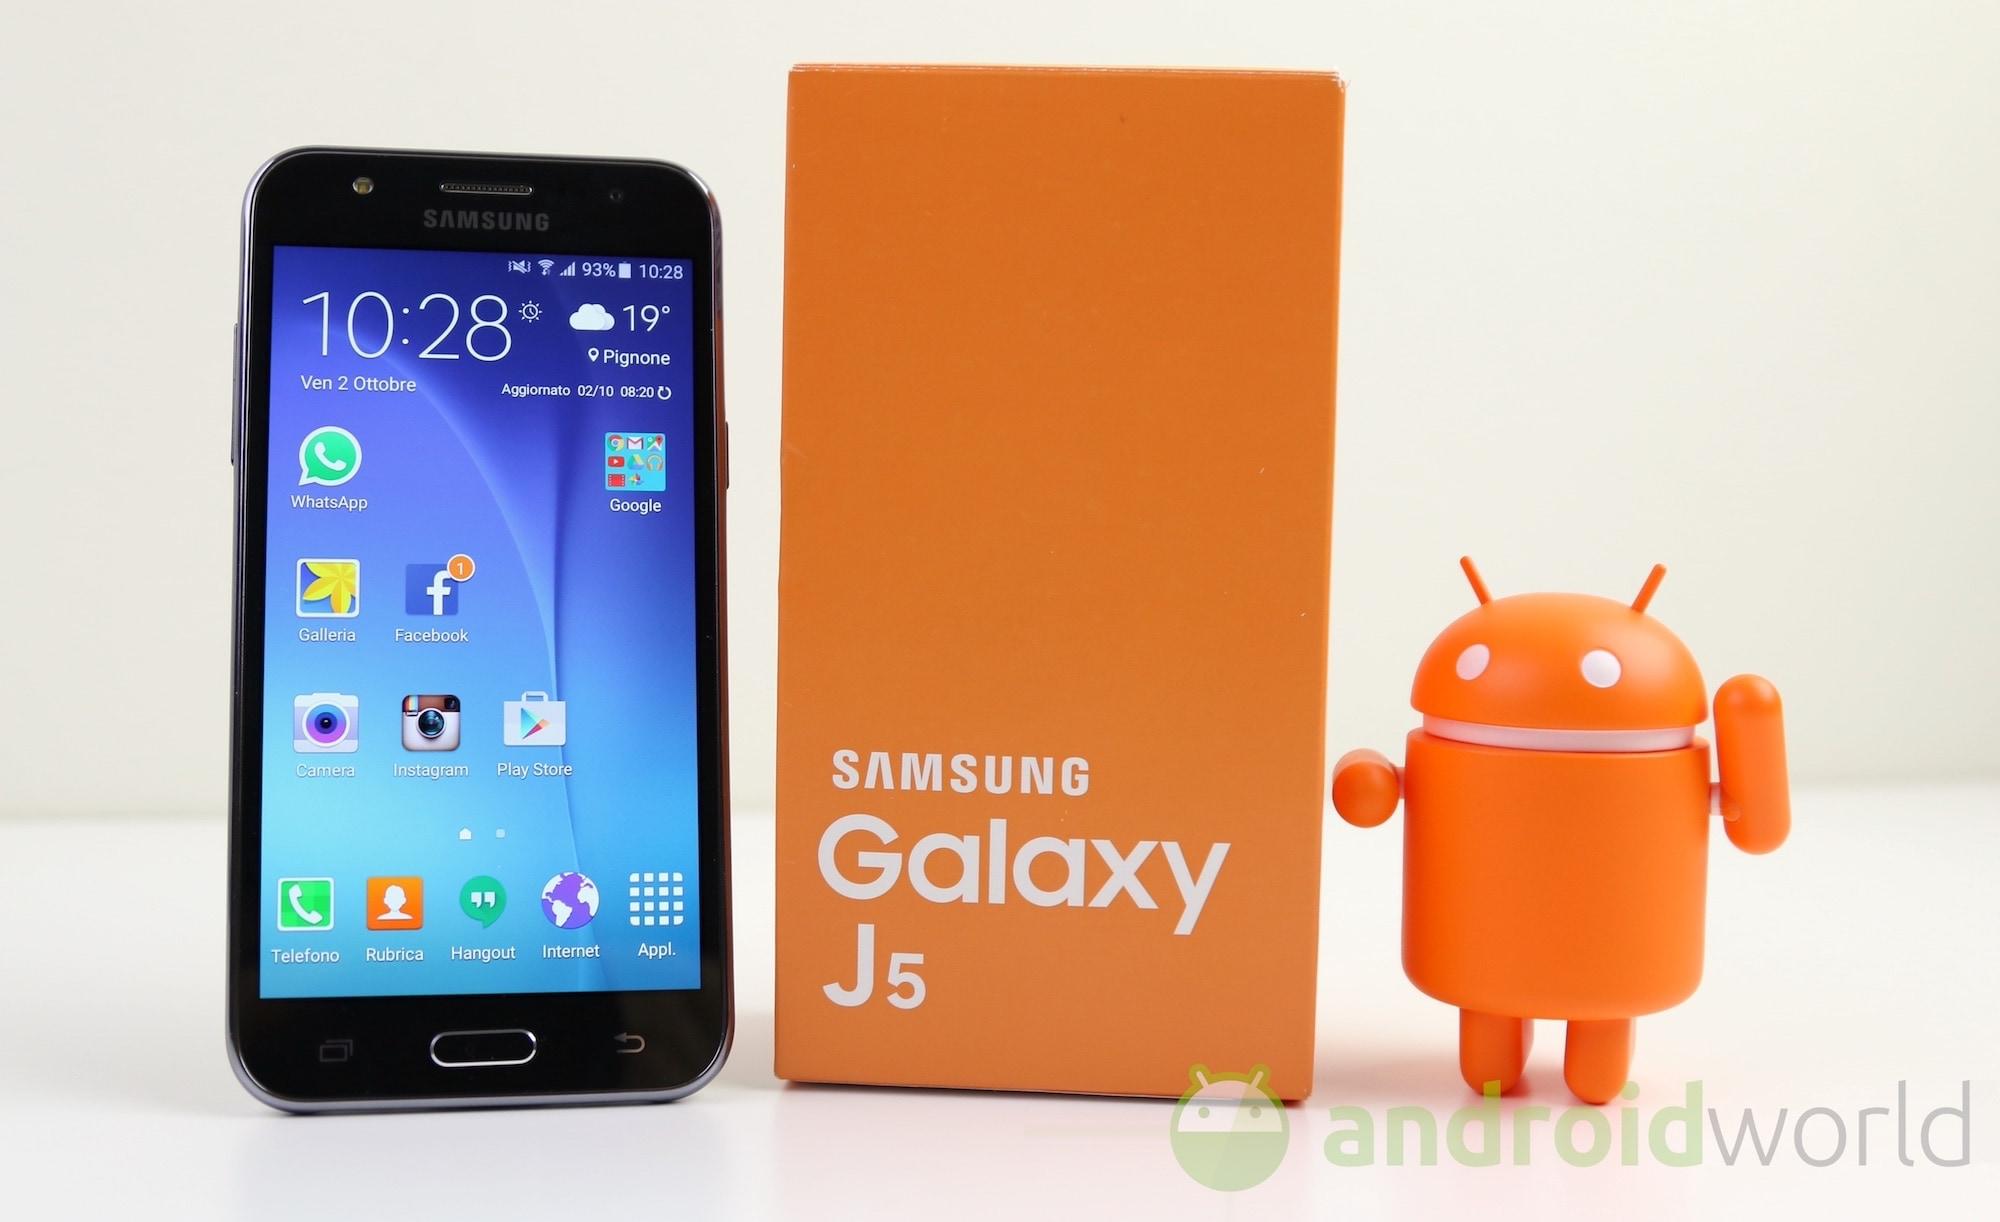 Recensione Samsung Galaxy J5 Dalla Prova Alle Foto Allautonomia Smj500 8gb Androidworld